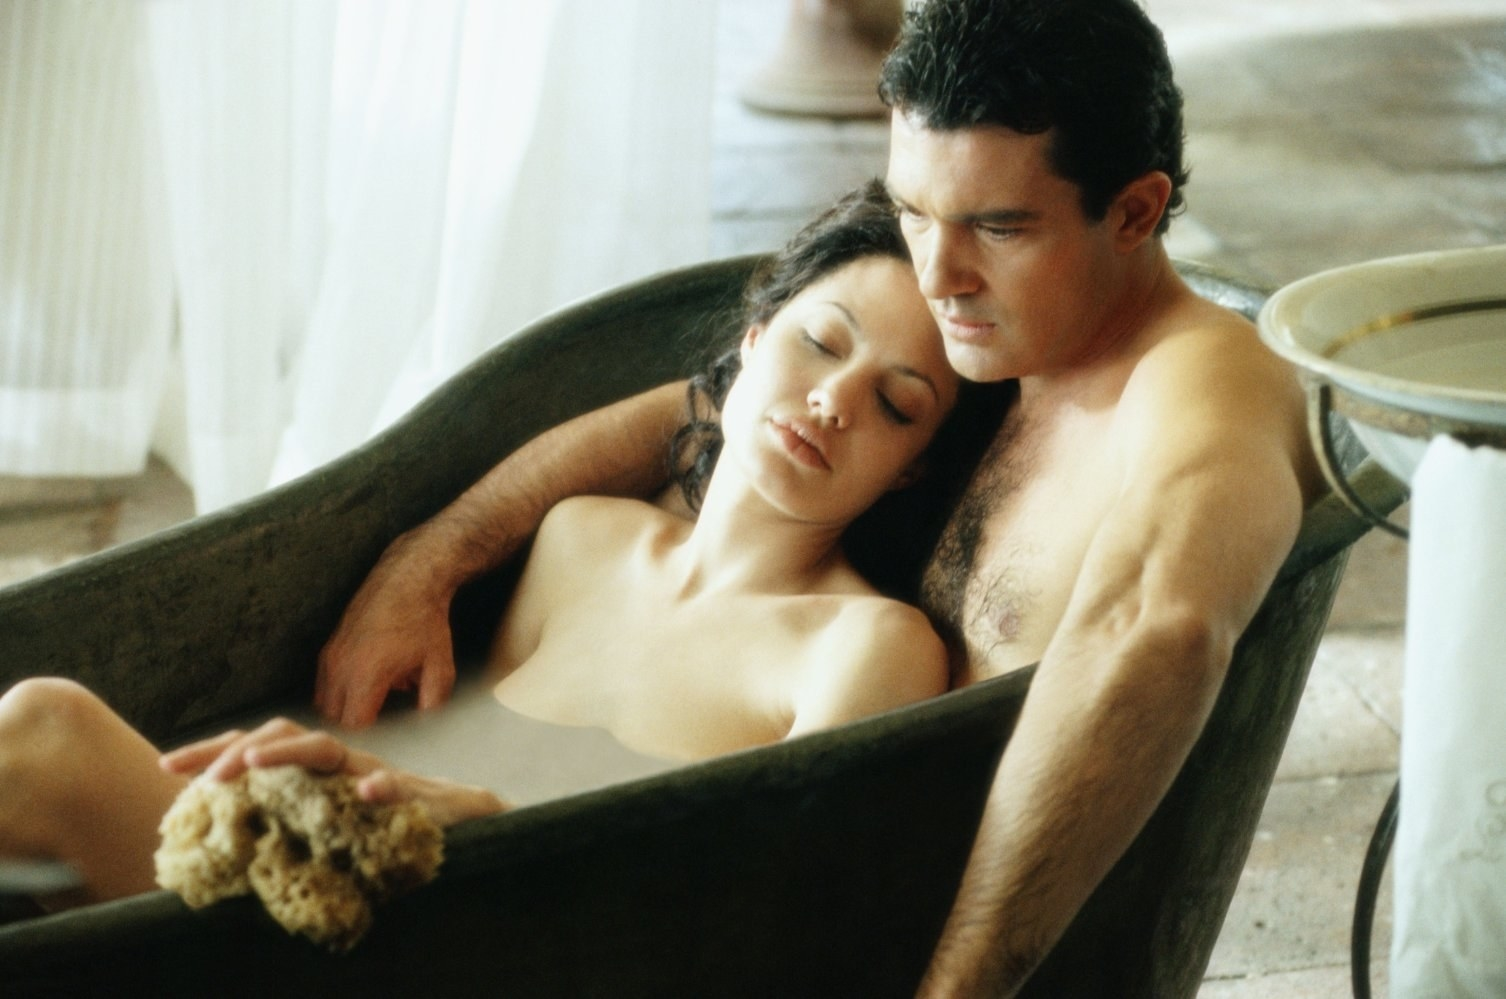 15 filmes e séries da Netflix com cenas de sexo melhores que as da vida real